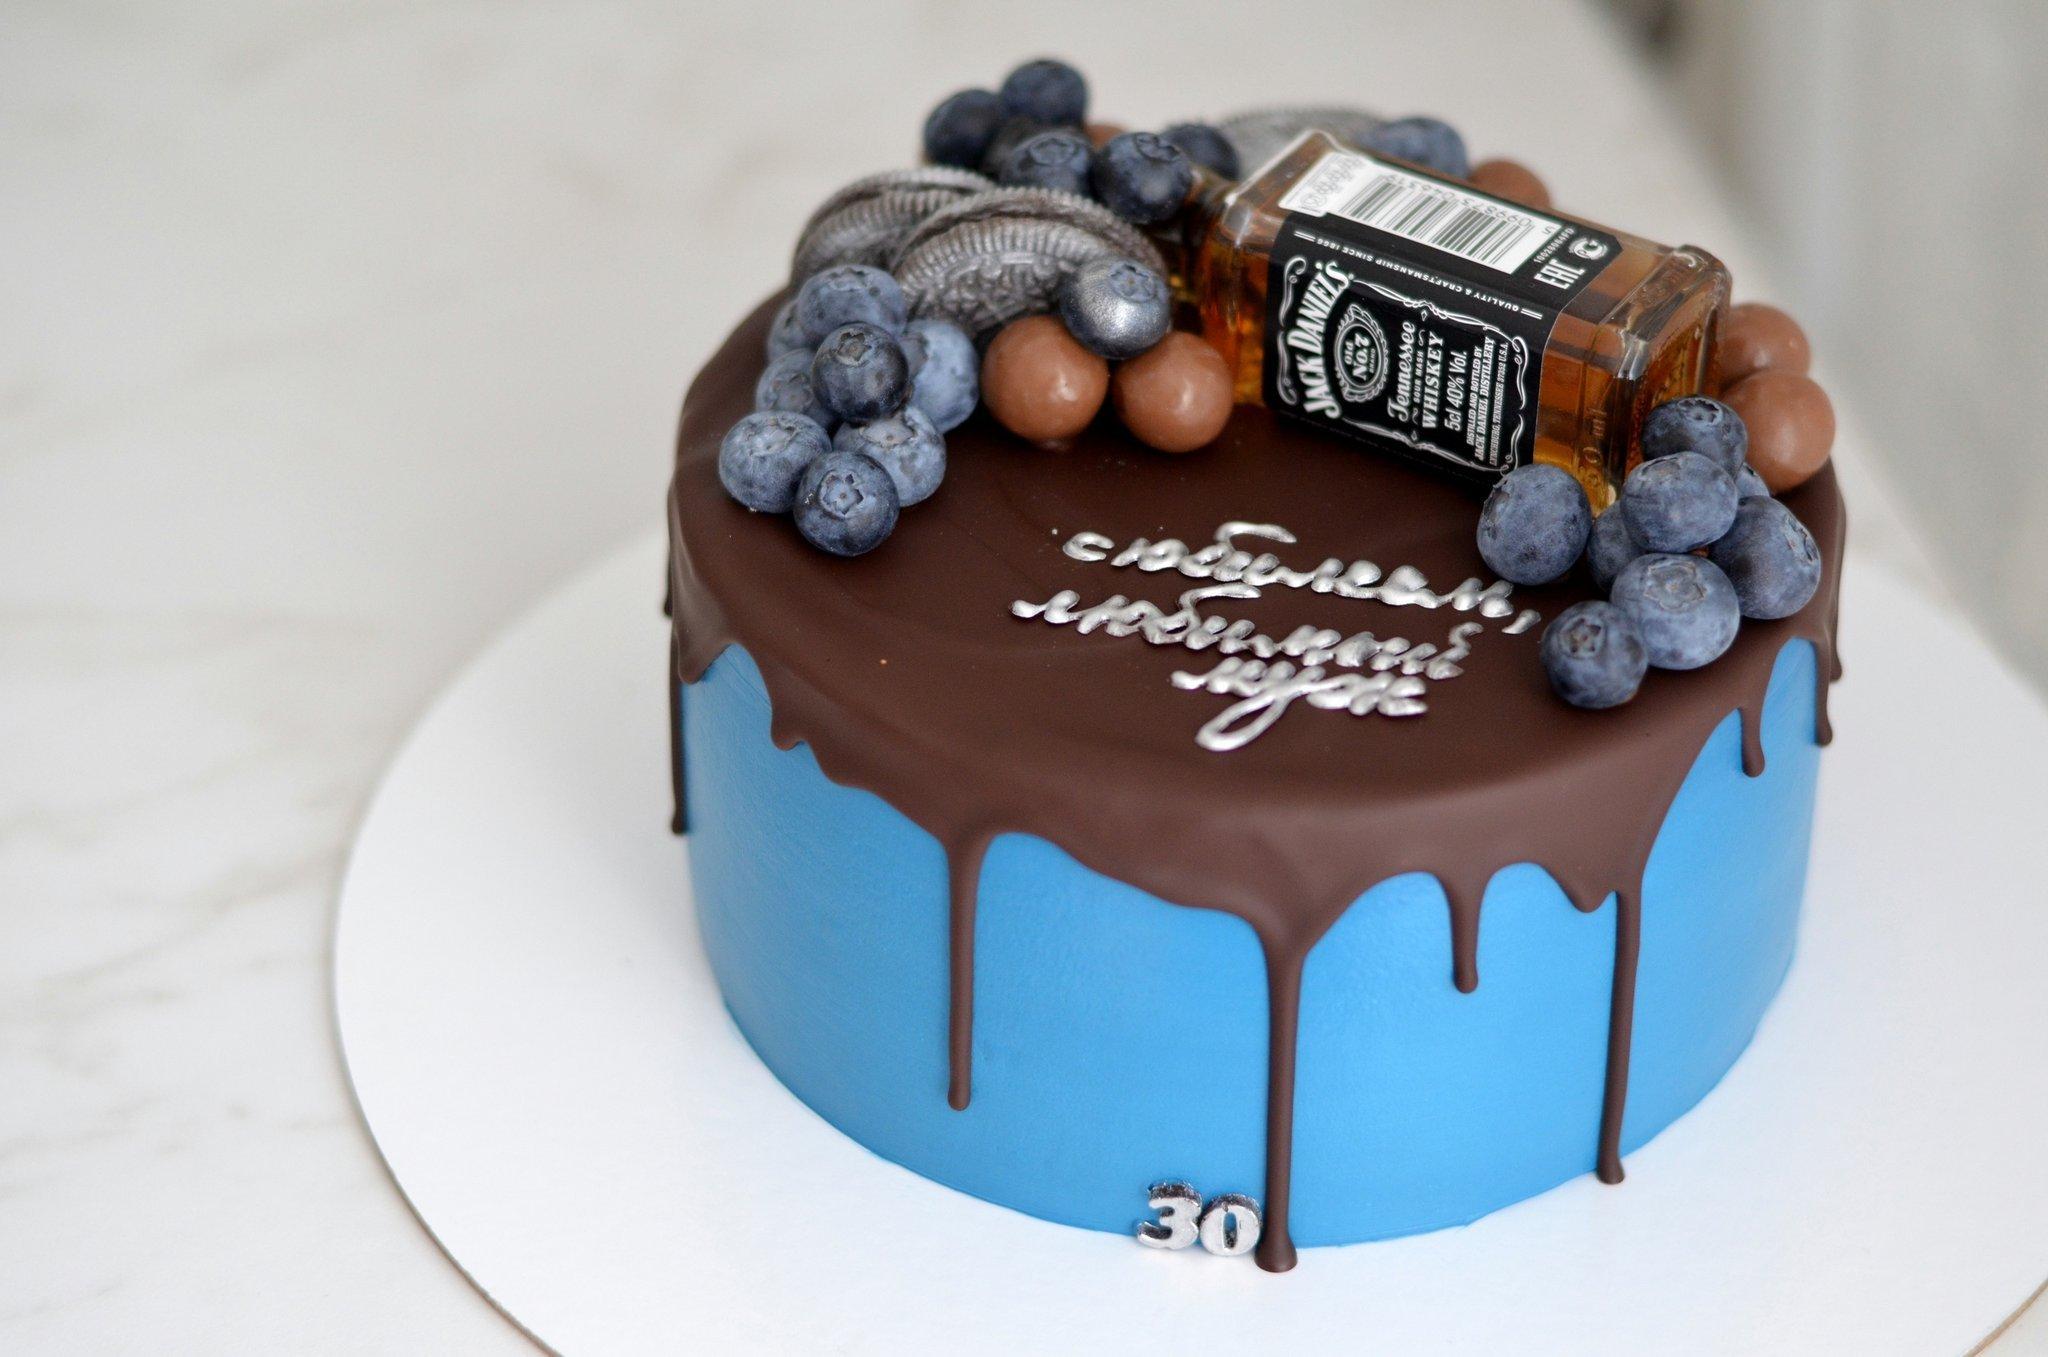 хочу прикольный торт мужу на день рождения фото была